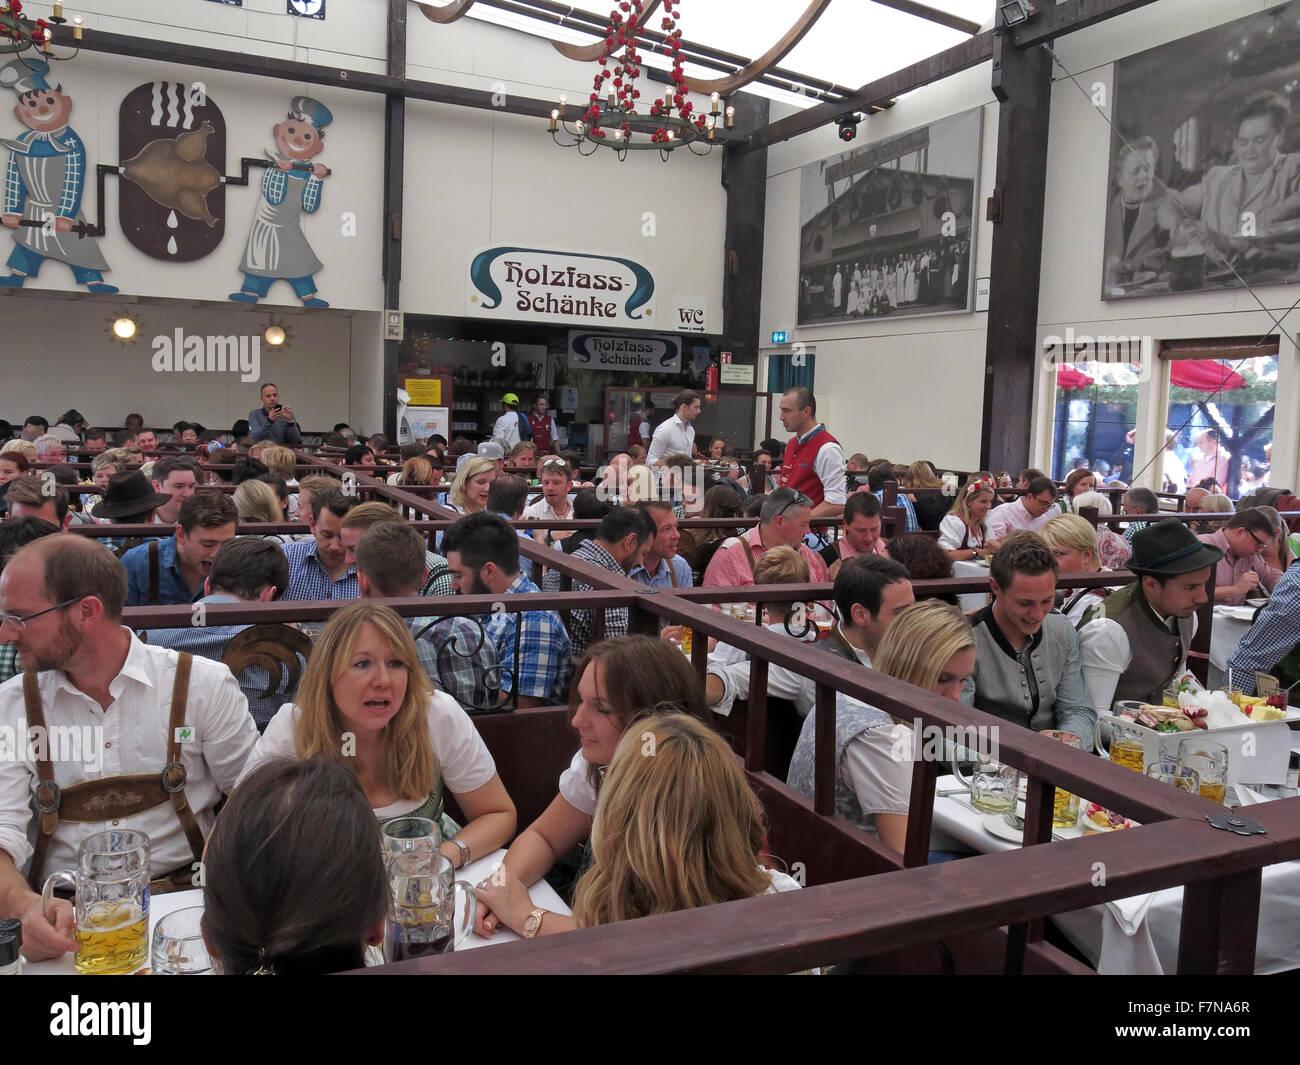 Laden Sie dieses Alamy Stockfoto Im Inneren des Zeltes Ammer Bier, Münchner Oktoberfest, Bayern, Deutschland - F7NA6R